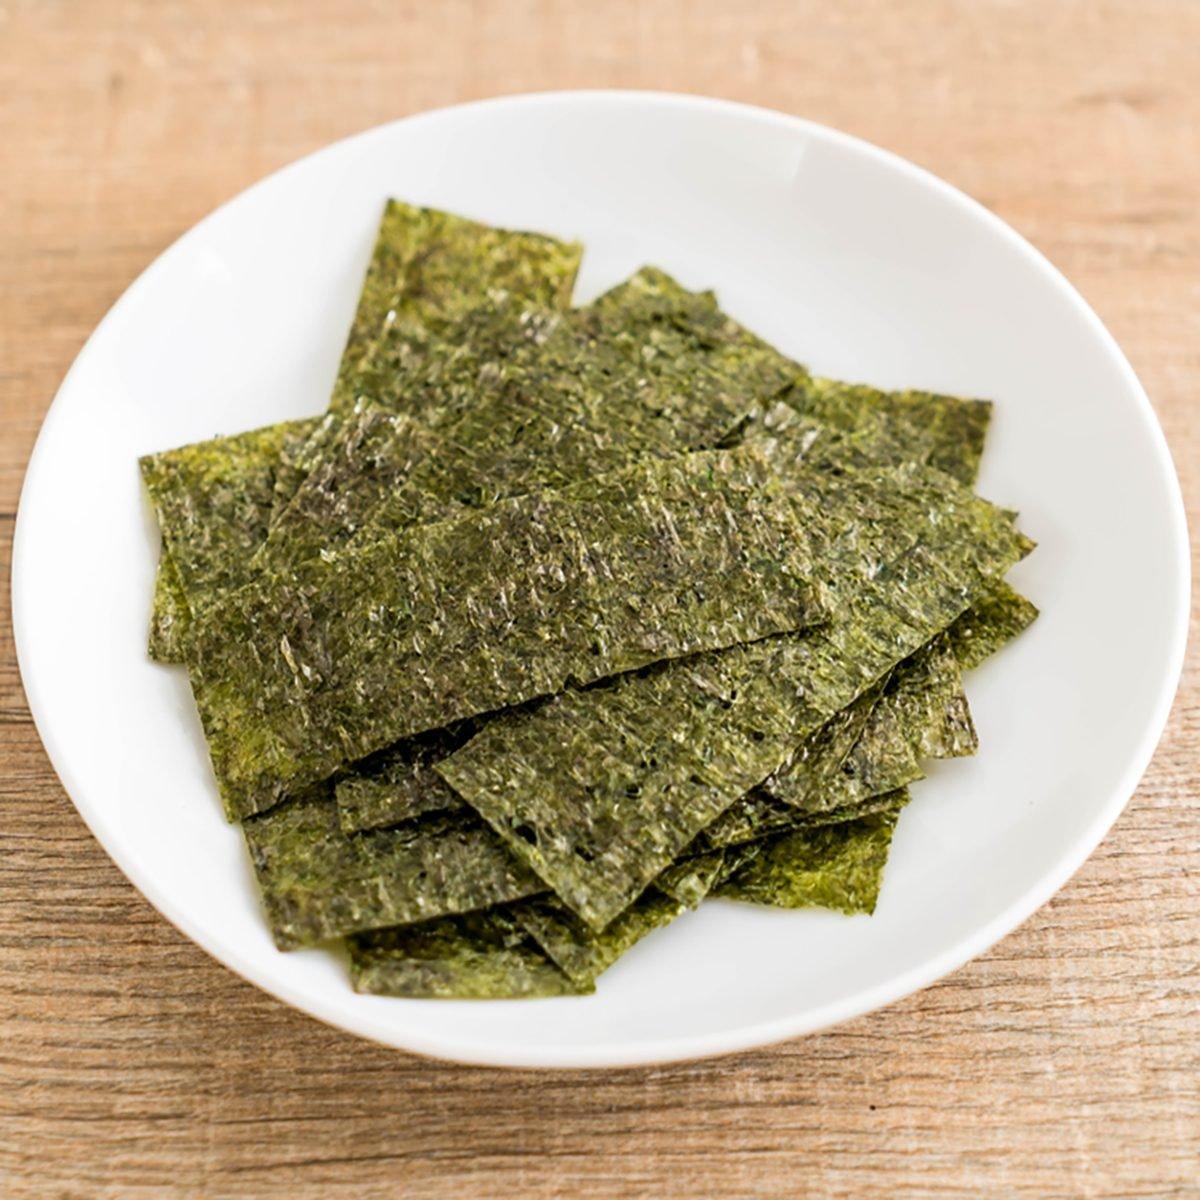 dried seaweed on plate - healthy food